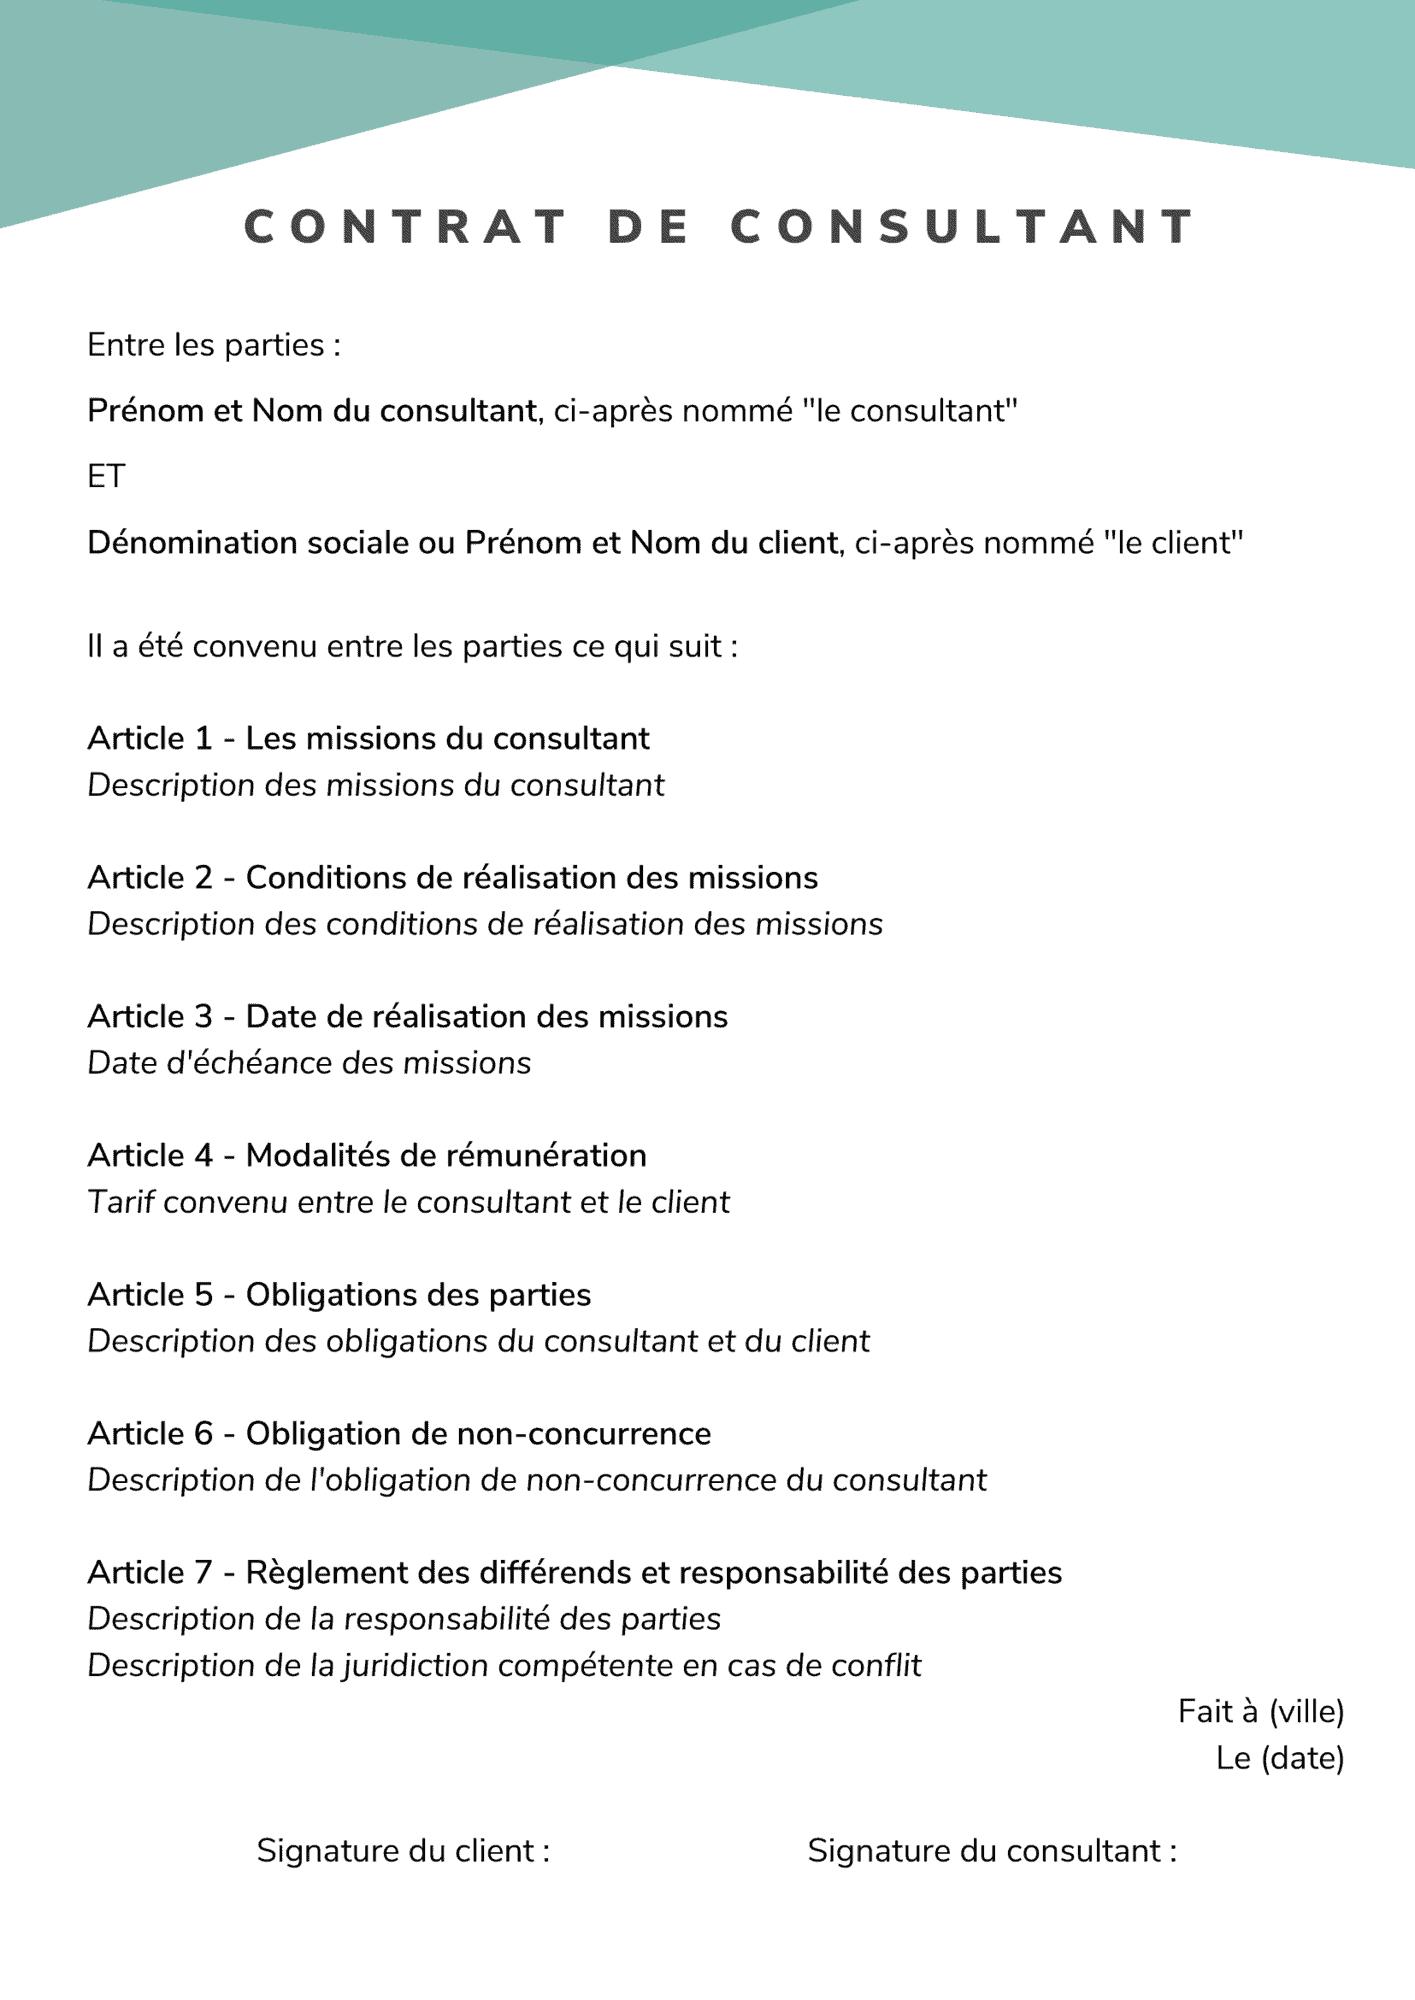 contrat de consultant